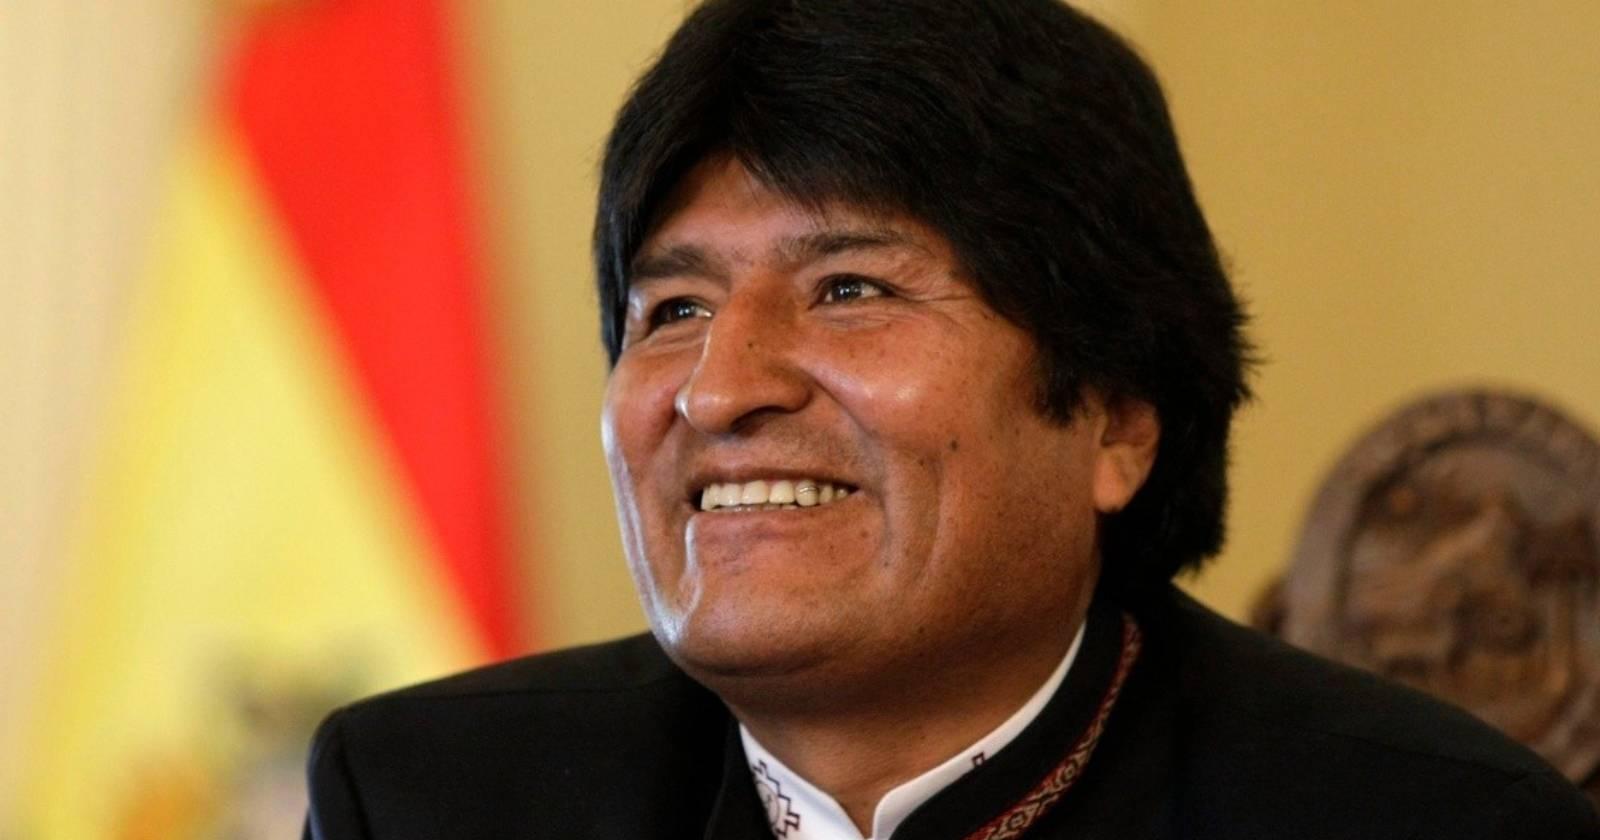 Evo Morales regresará a Bolivia el día después de la investidura de Luis Arce